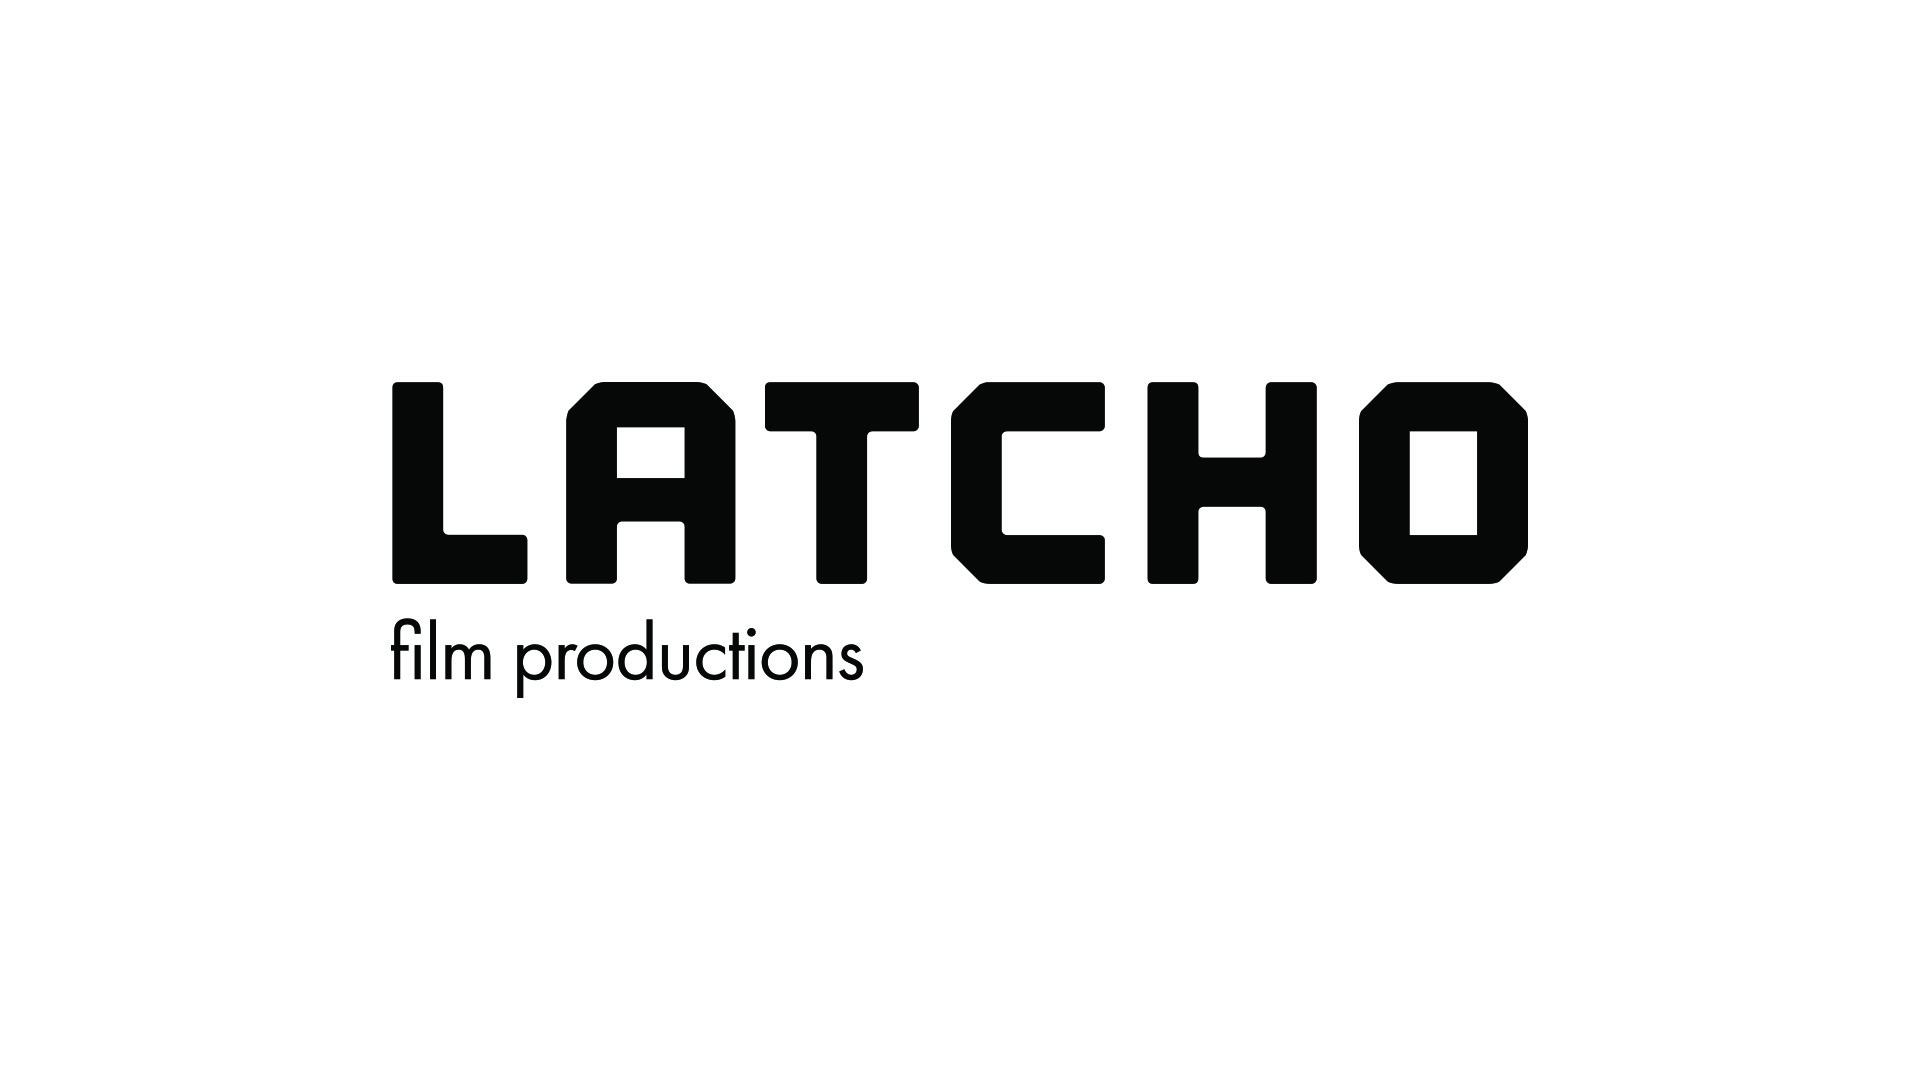 Picture Logo designs